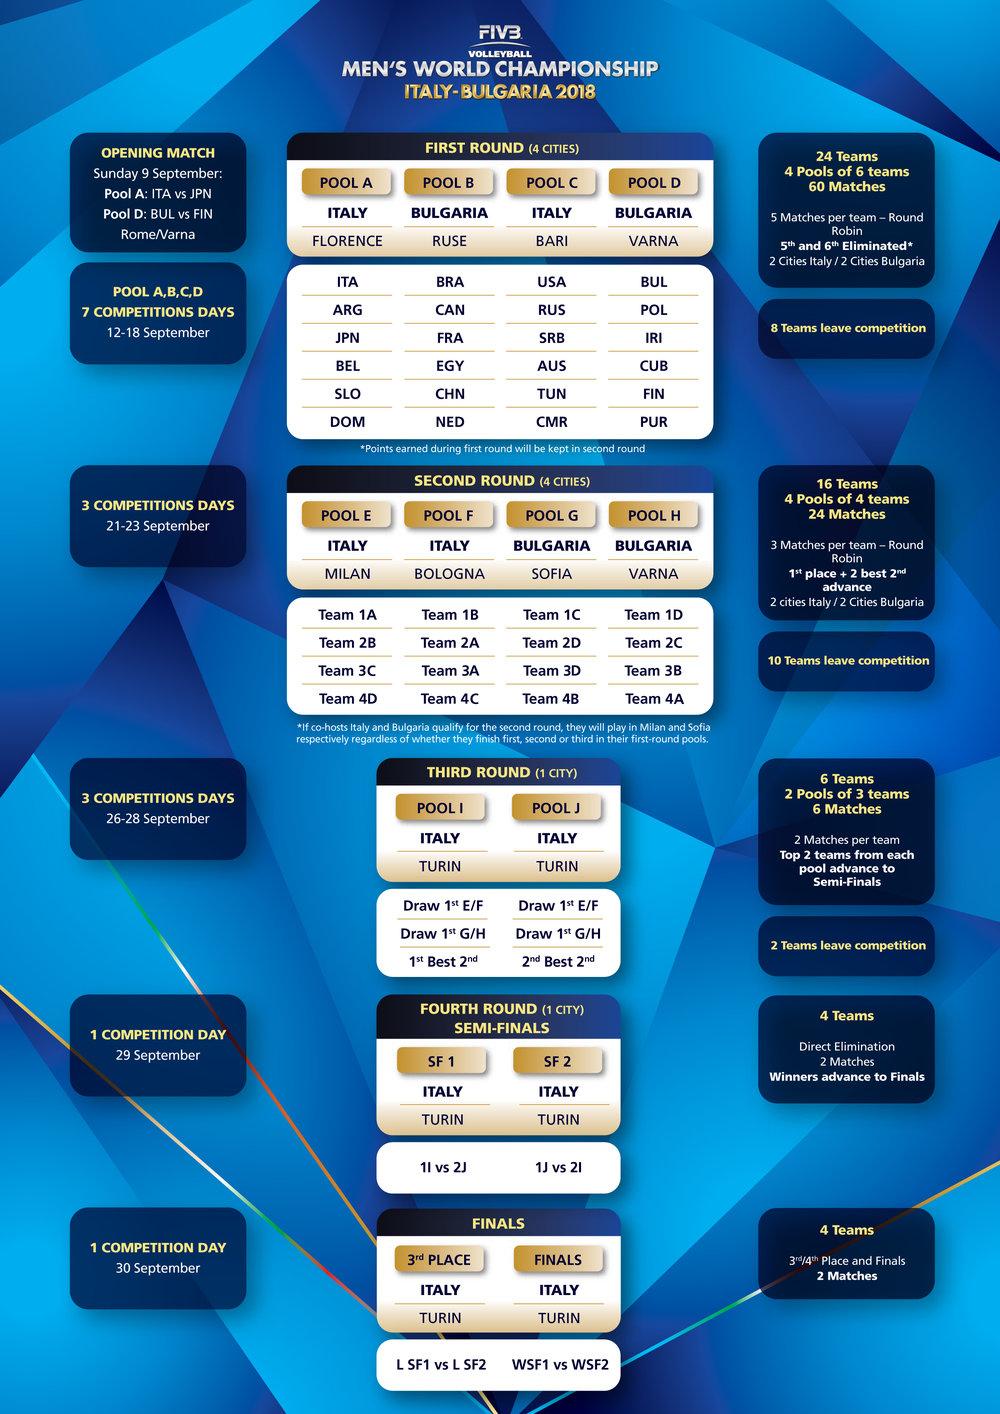 MWCH_2018_Formula_Table.jpg